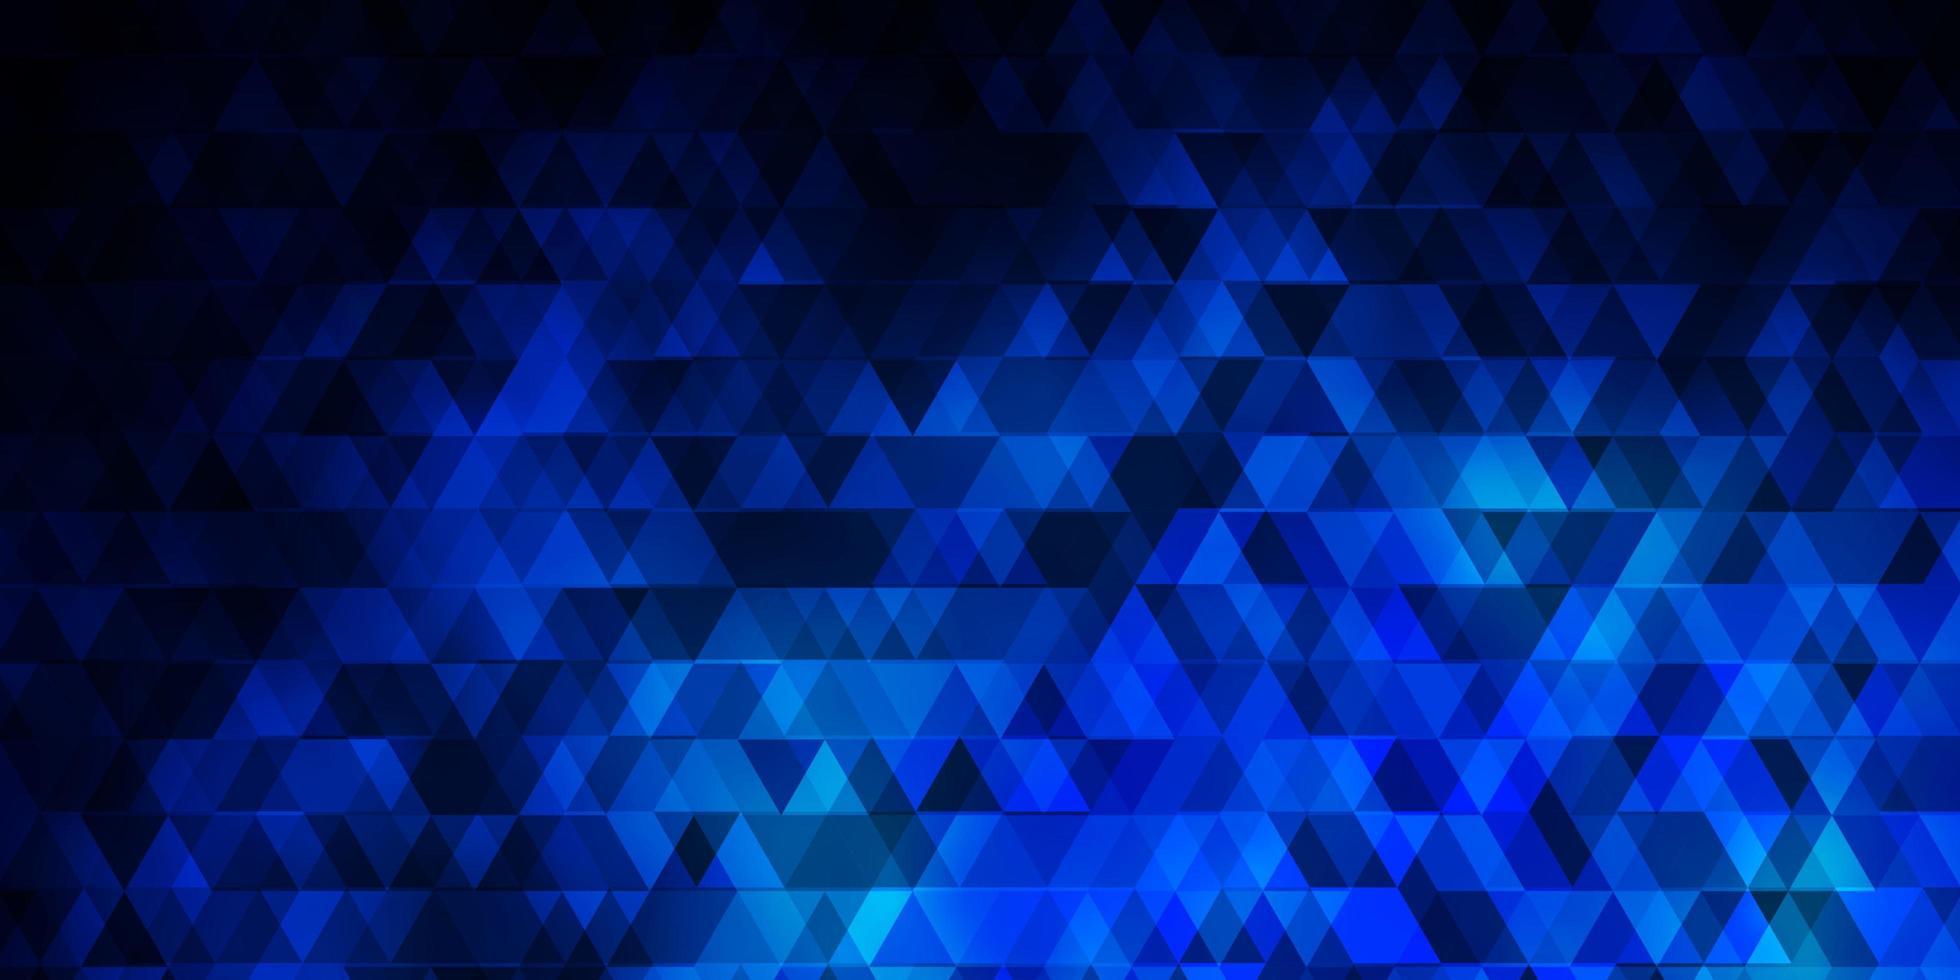 dunkelblaue Vektorschablone mit Linien, Dreiecken. vektor